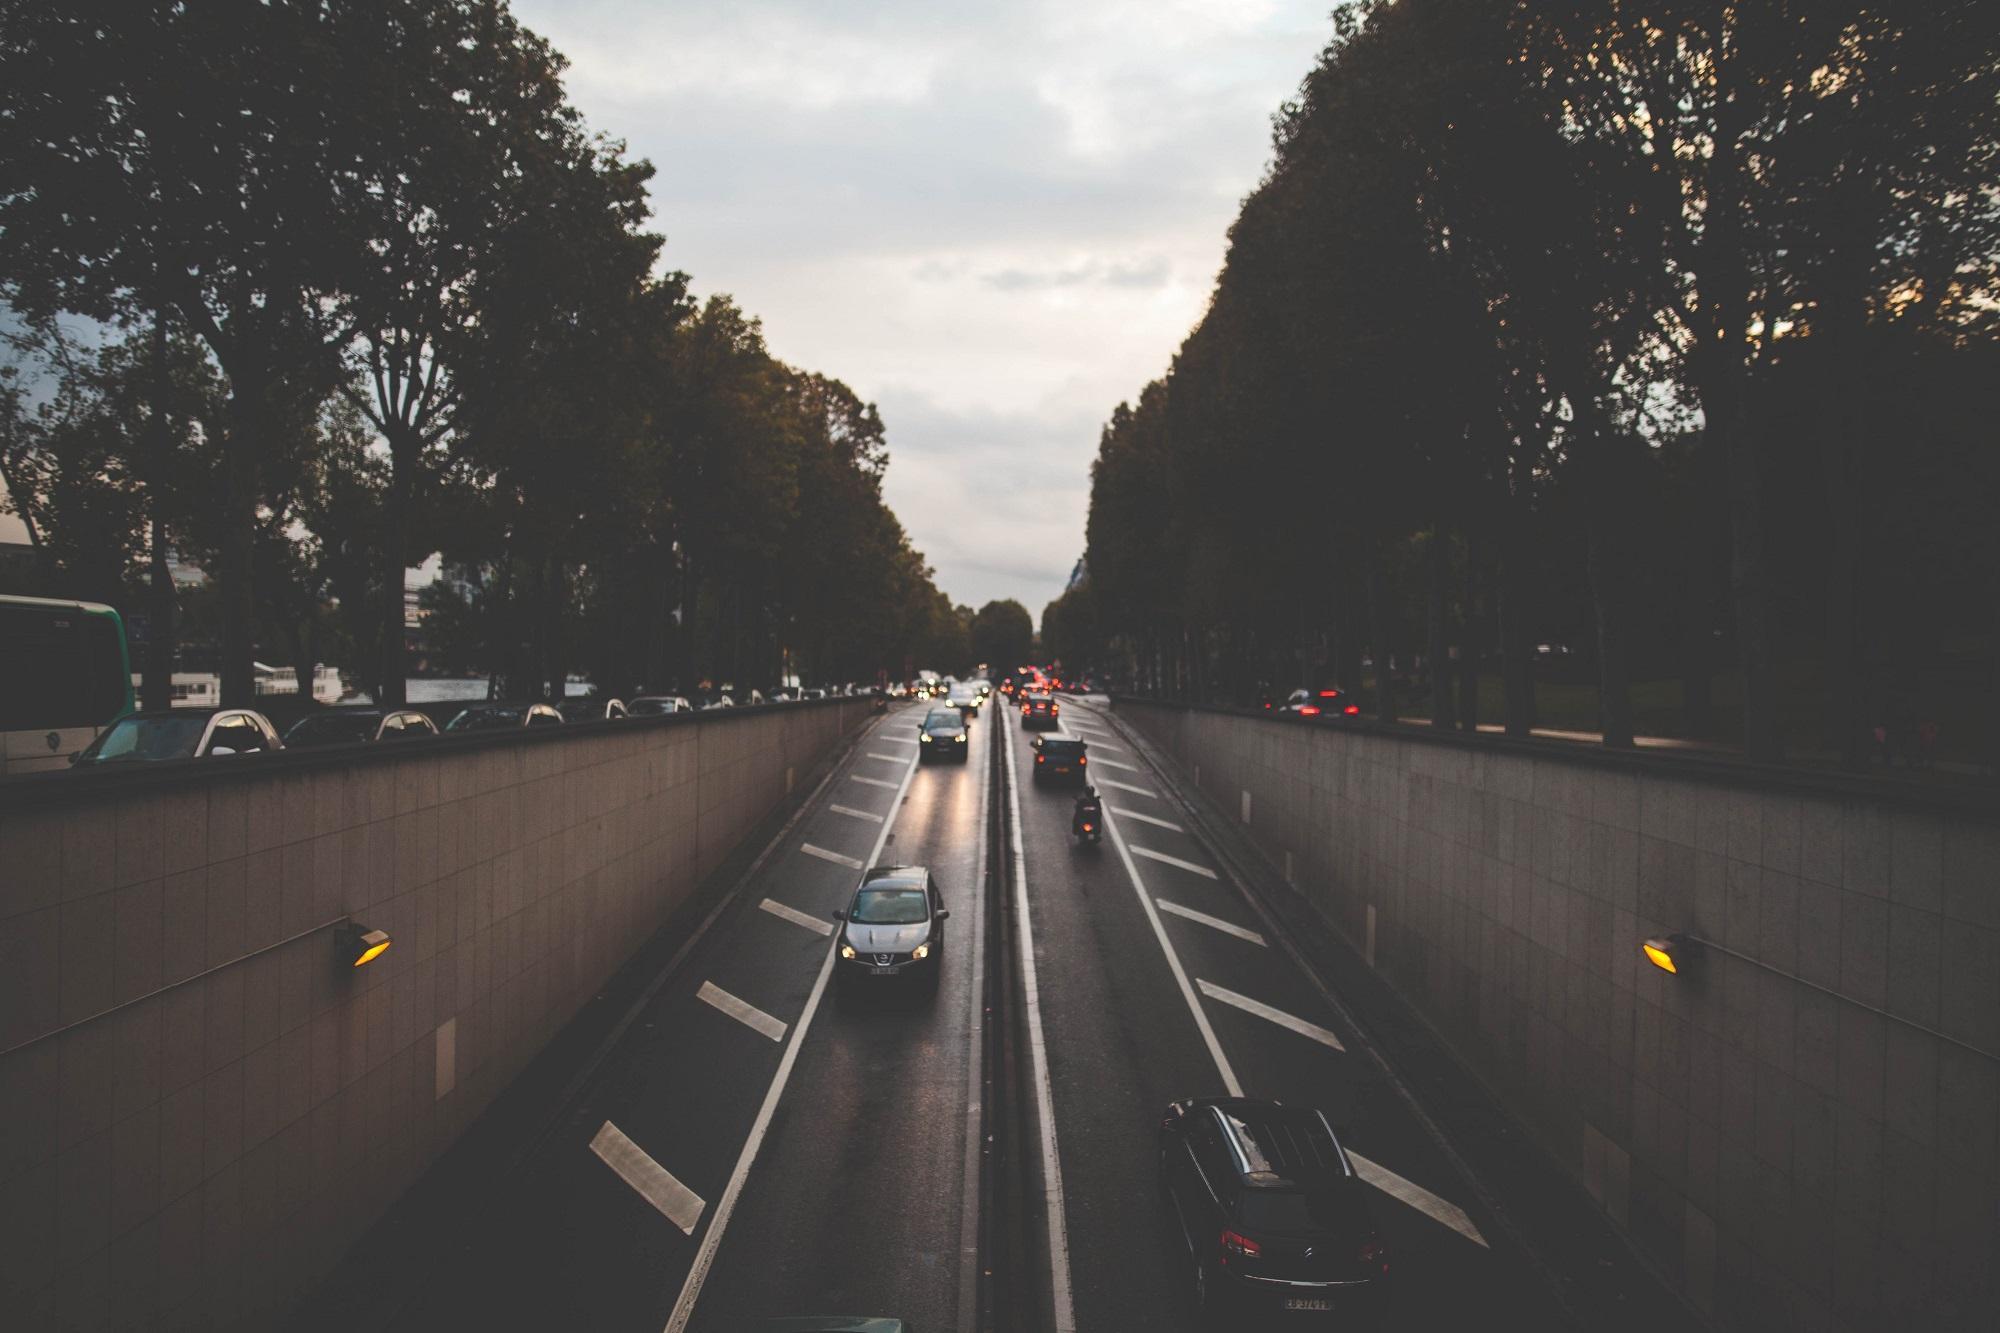 Carros-no-tunel.jpg